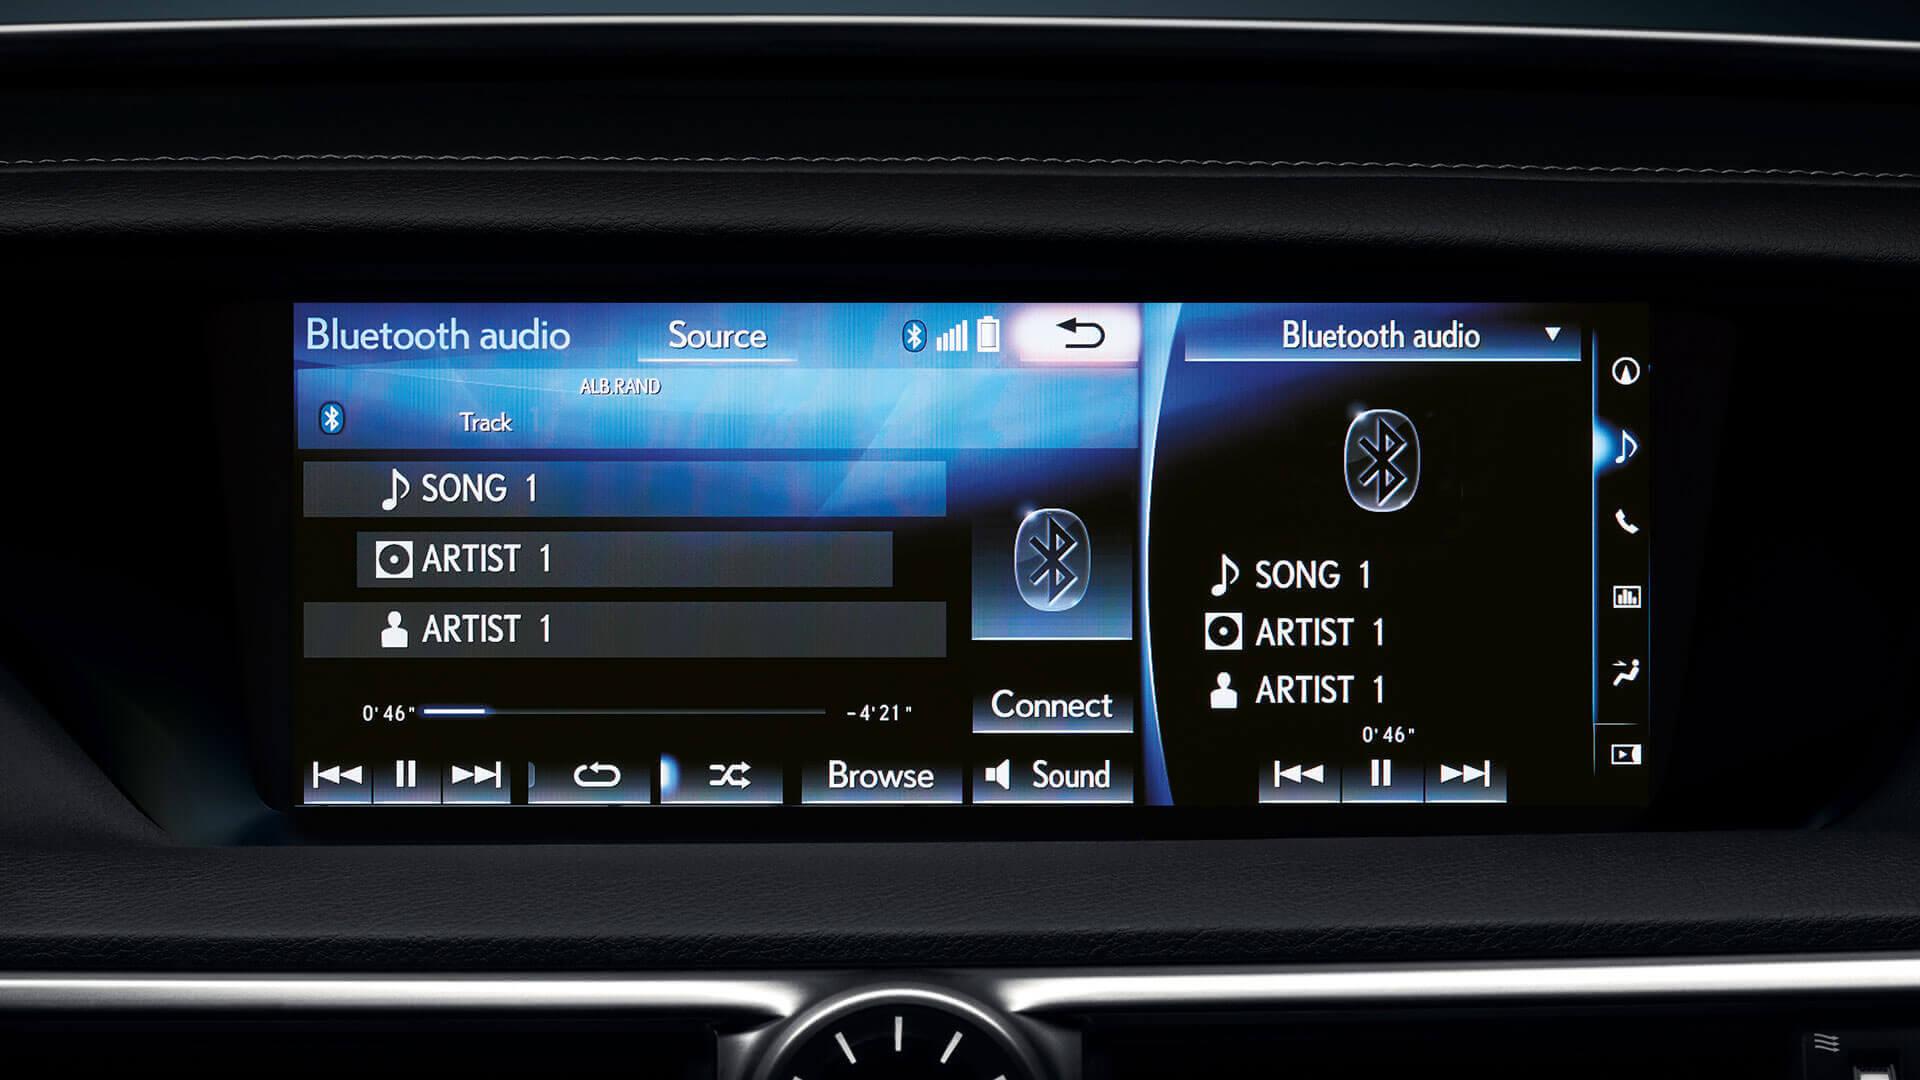 2016 lexus gs 300h features digital connectivity